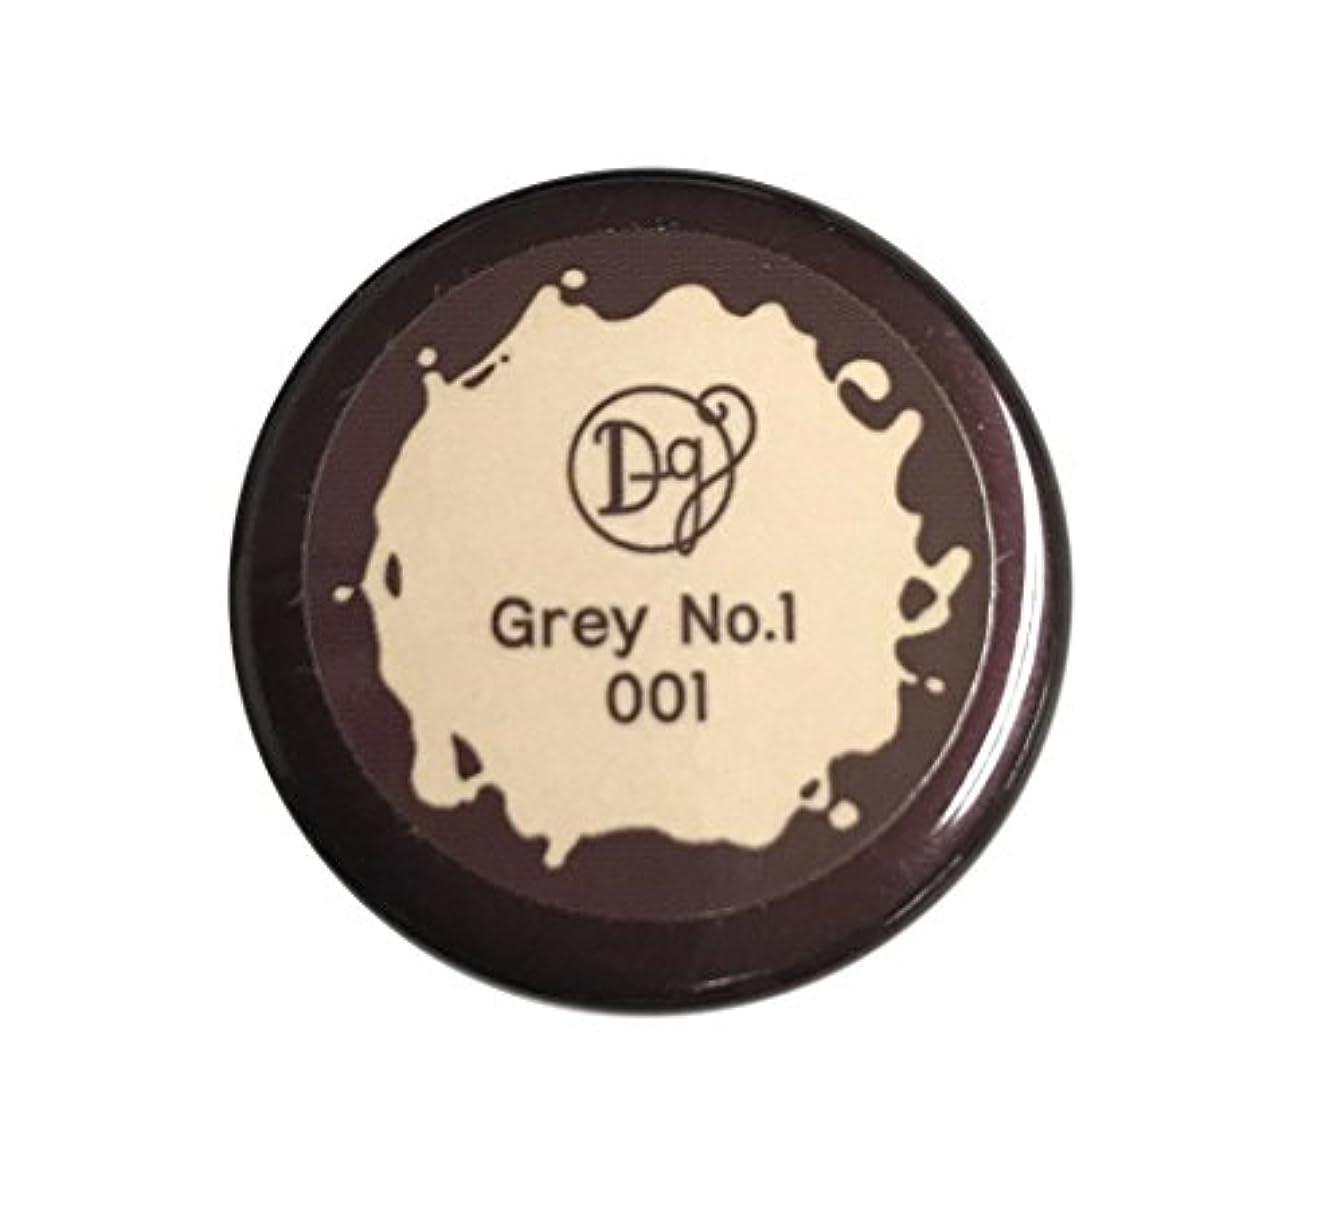 位置づける時刻表ペレグリネーションデコラガール カラージェル 001 グレーNo1 3g